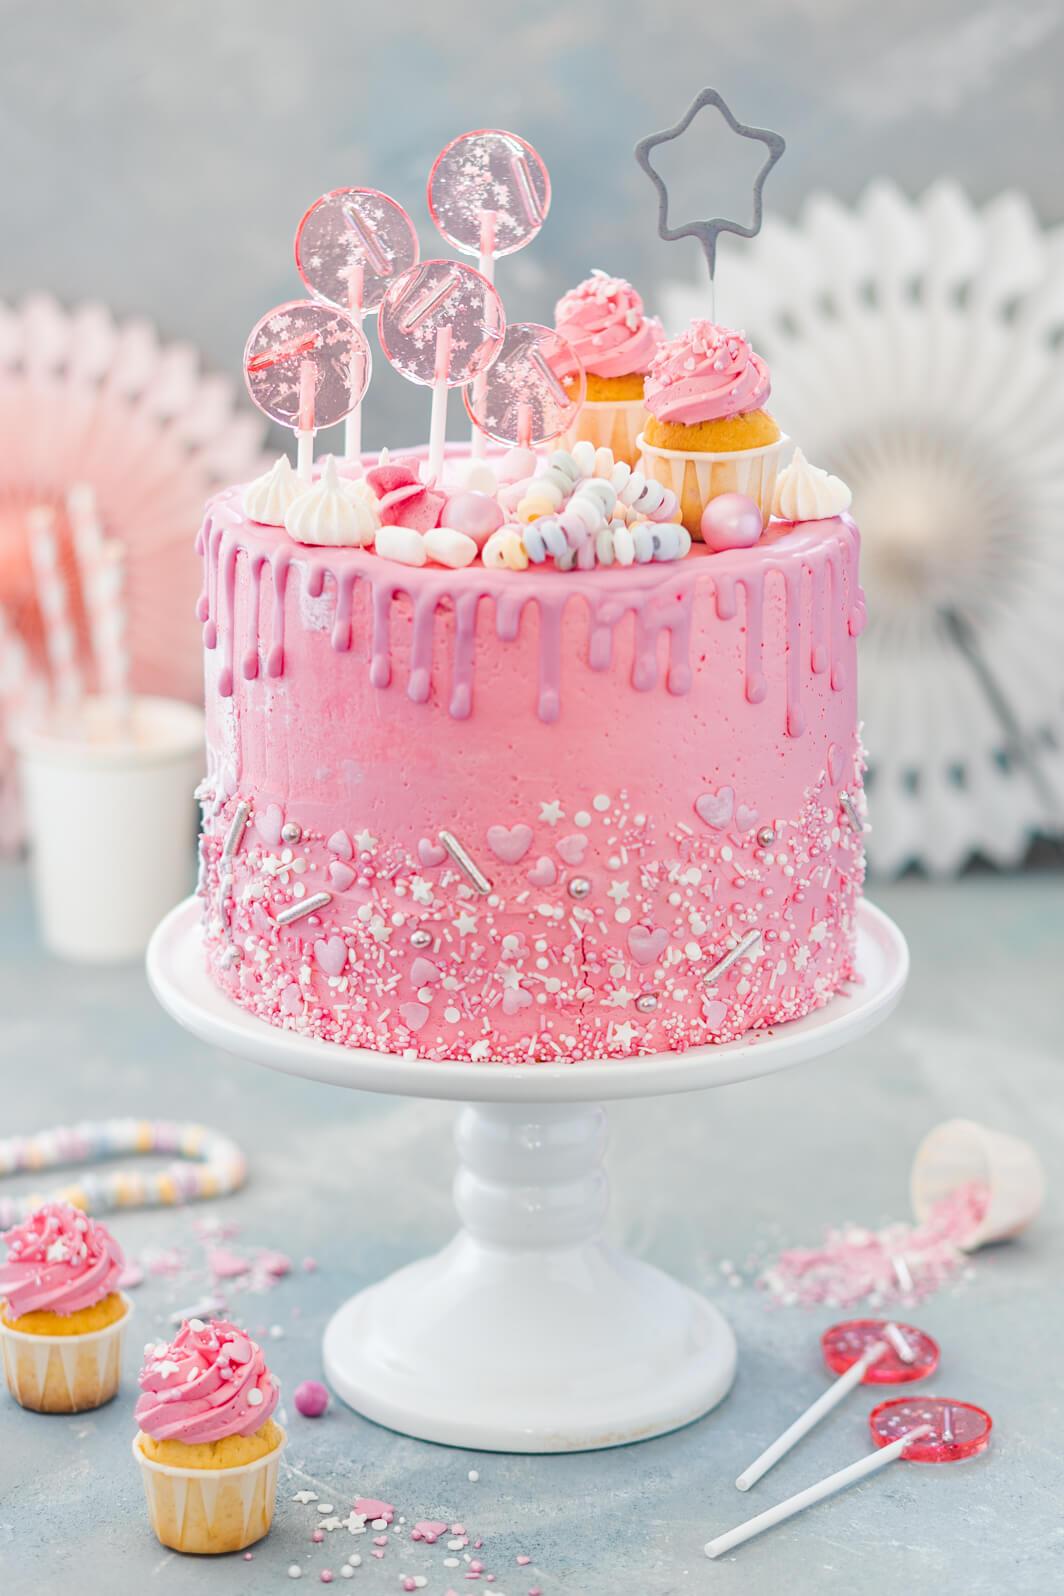 Mädchen-Geburtstagstorte Mit Himbeeren über Bilder Geburtstagstorte